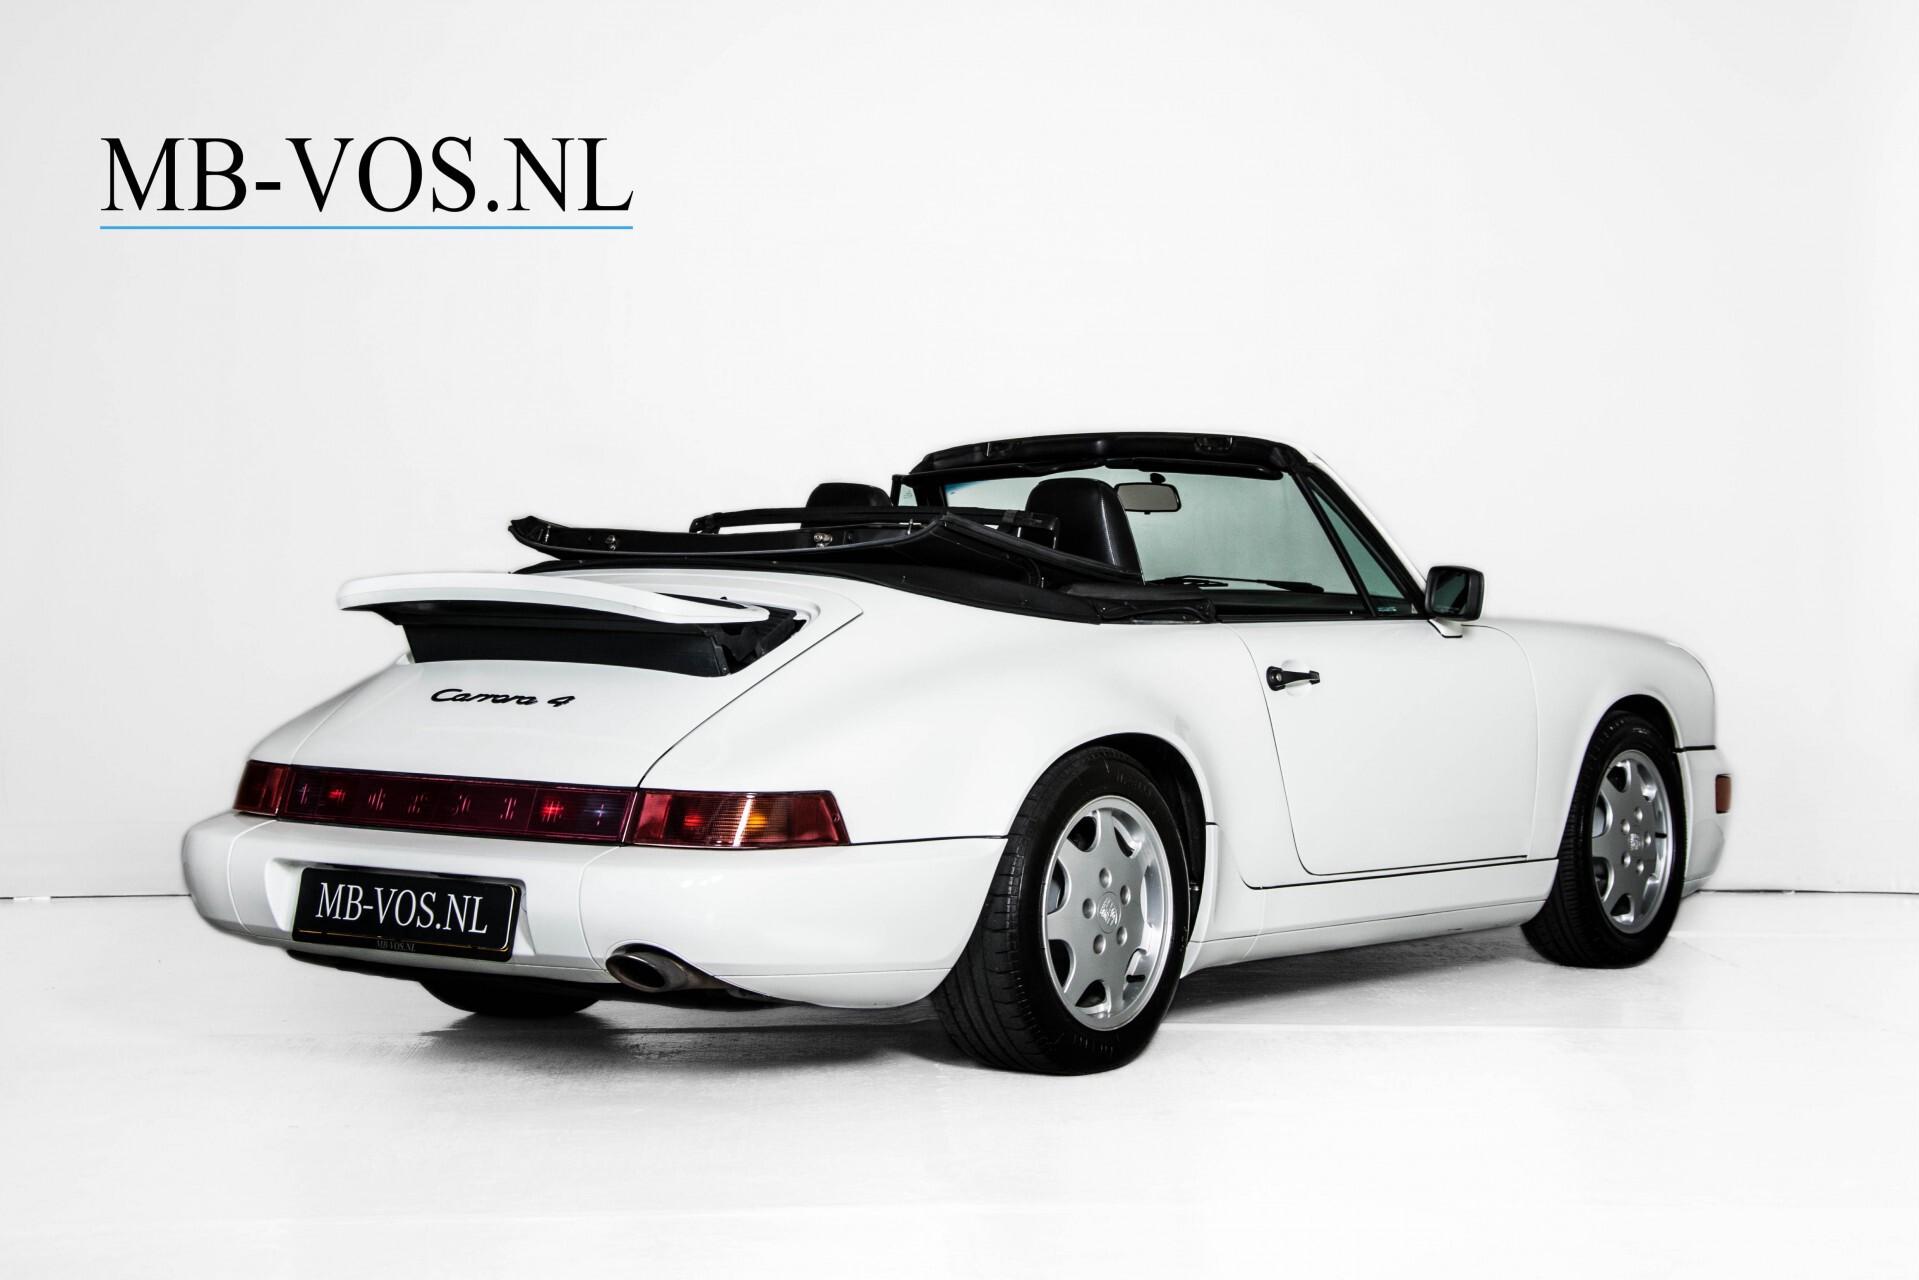 Porsche 911 Cabrio 964 3.6 Carrera 4 Gerestaureerd/Gedocumenteerd/Incl. BTW Foto 3